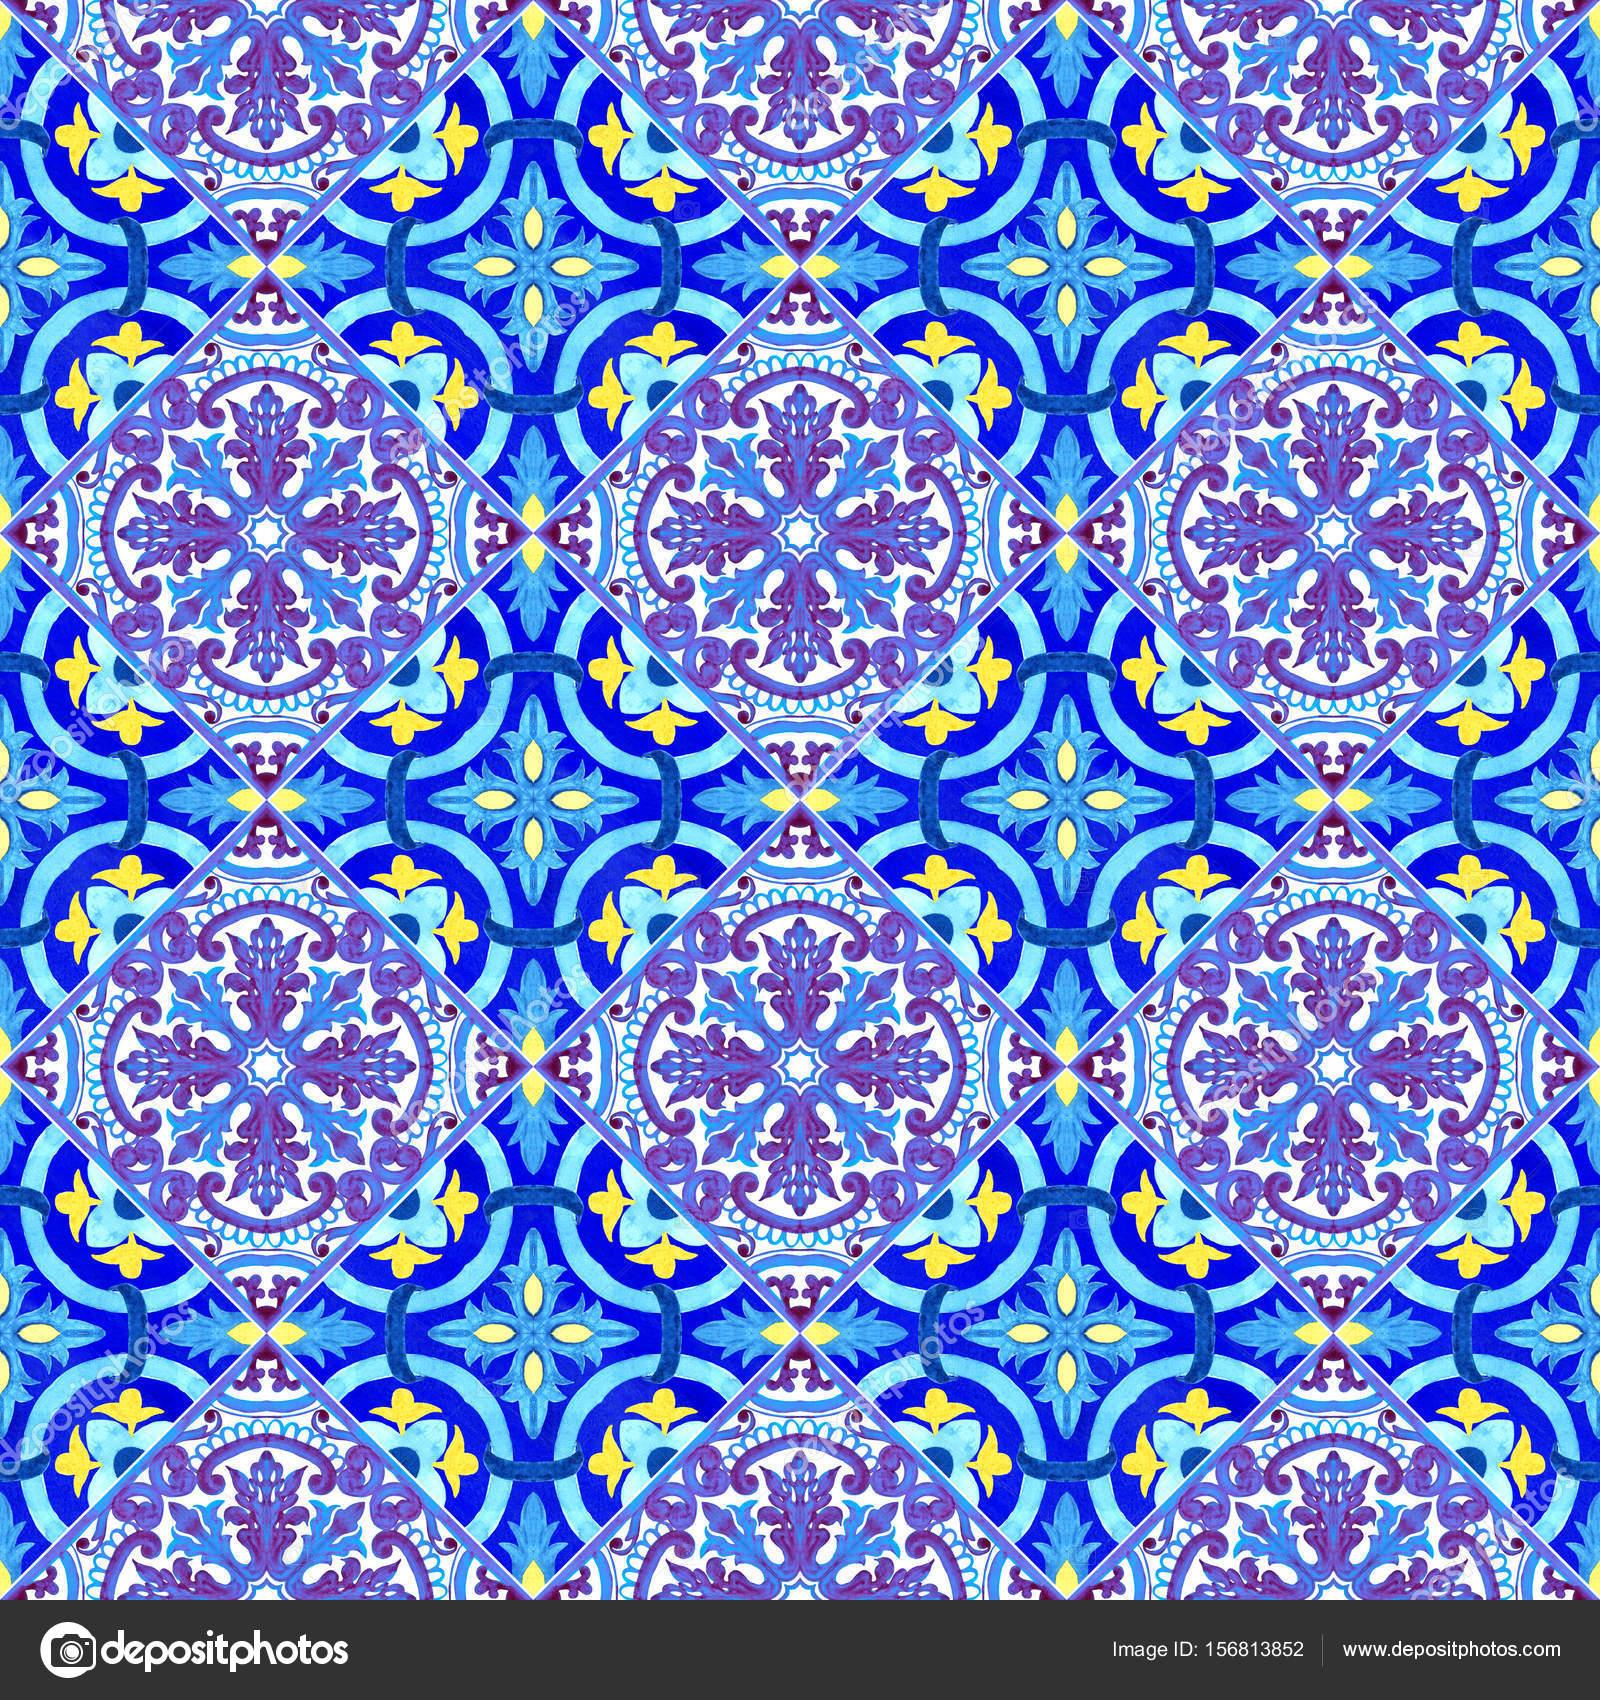 Salle De Bain Discac Loft ~ Carreaux Azulejos Portugais Mod Le Sans Couture Aquarelle